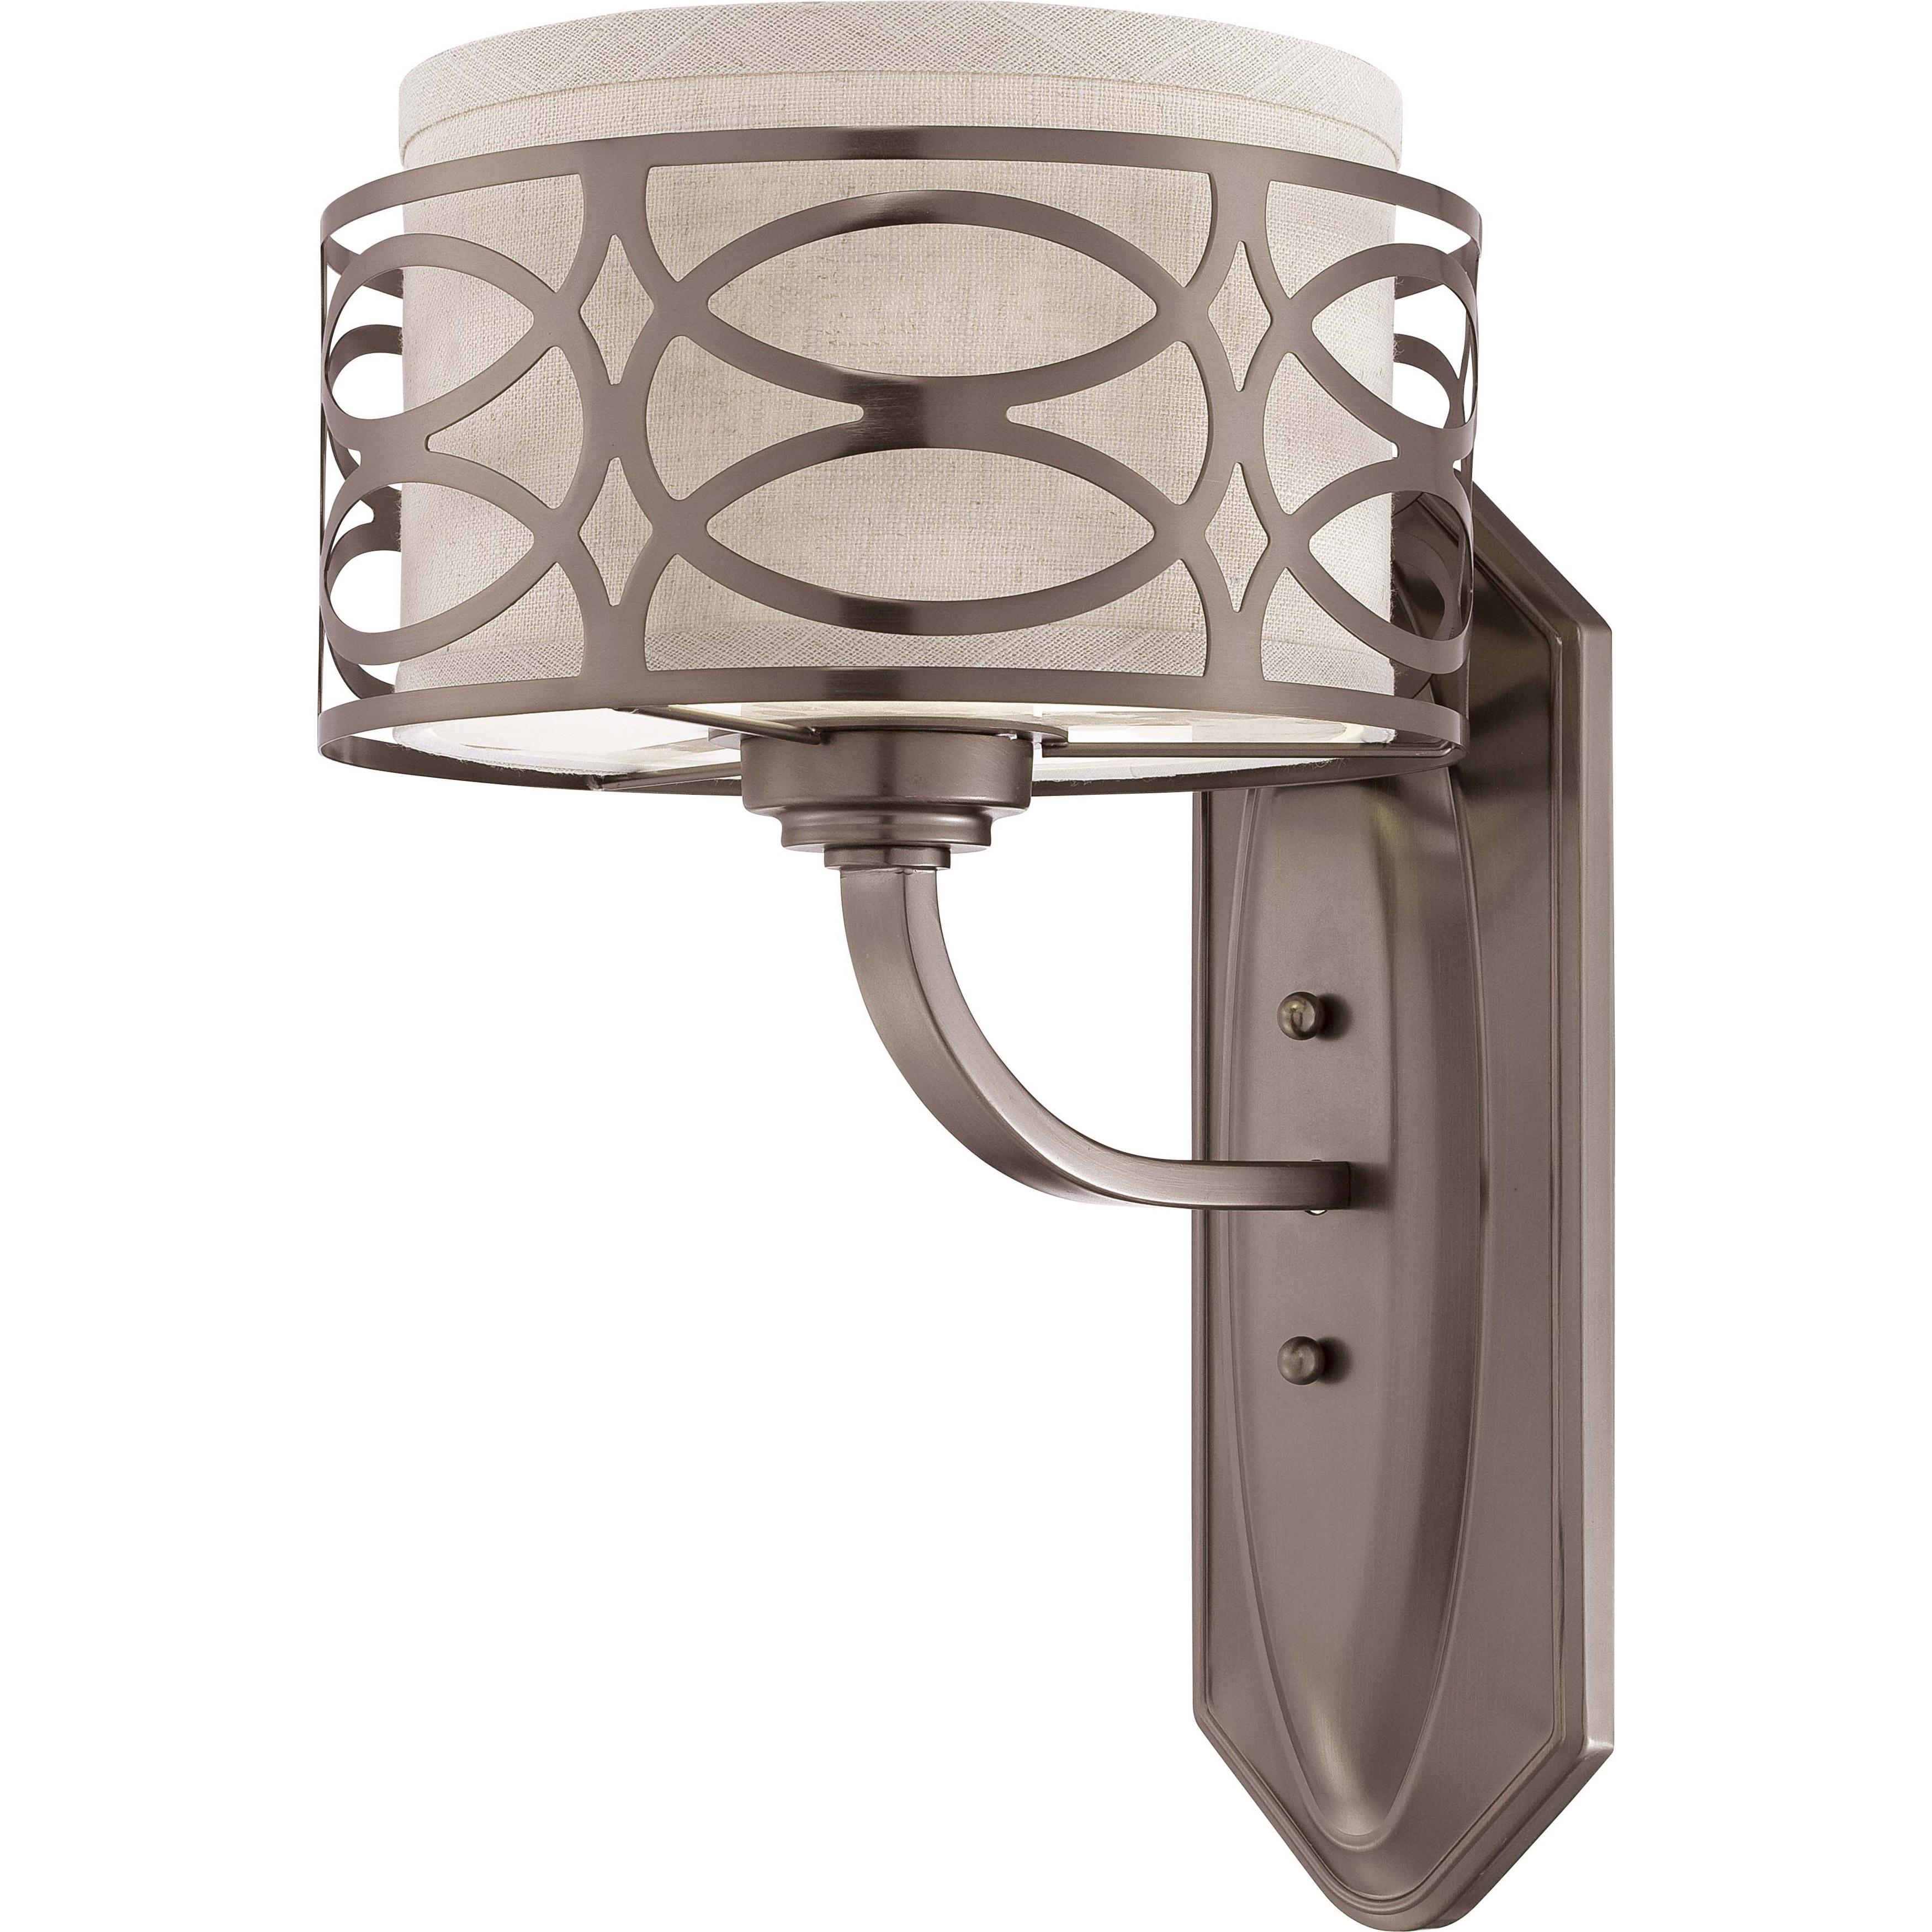 Harlow Bronze and Khaki Fabric Shade 1-Light Vanity Fixture